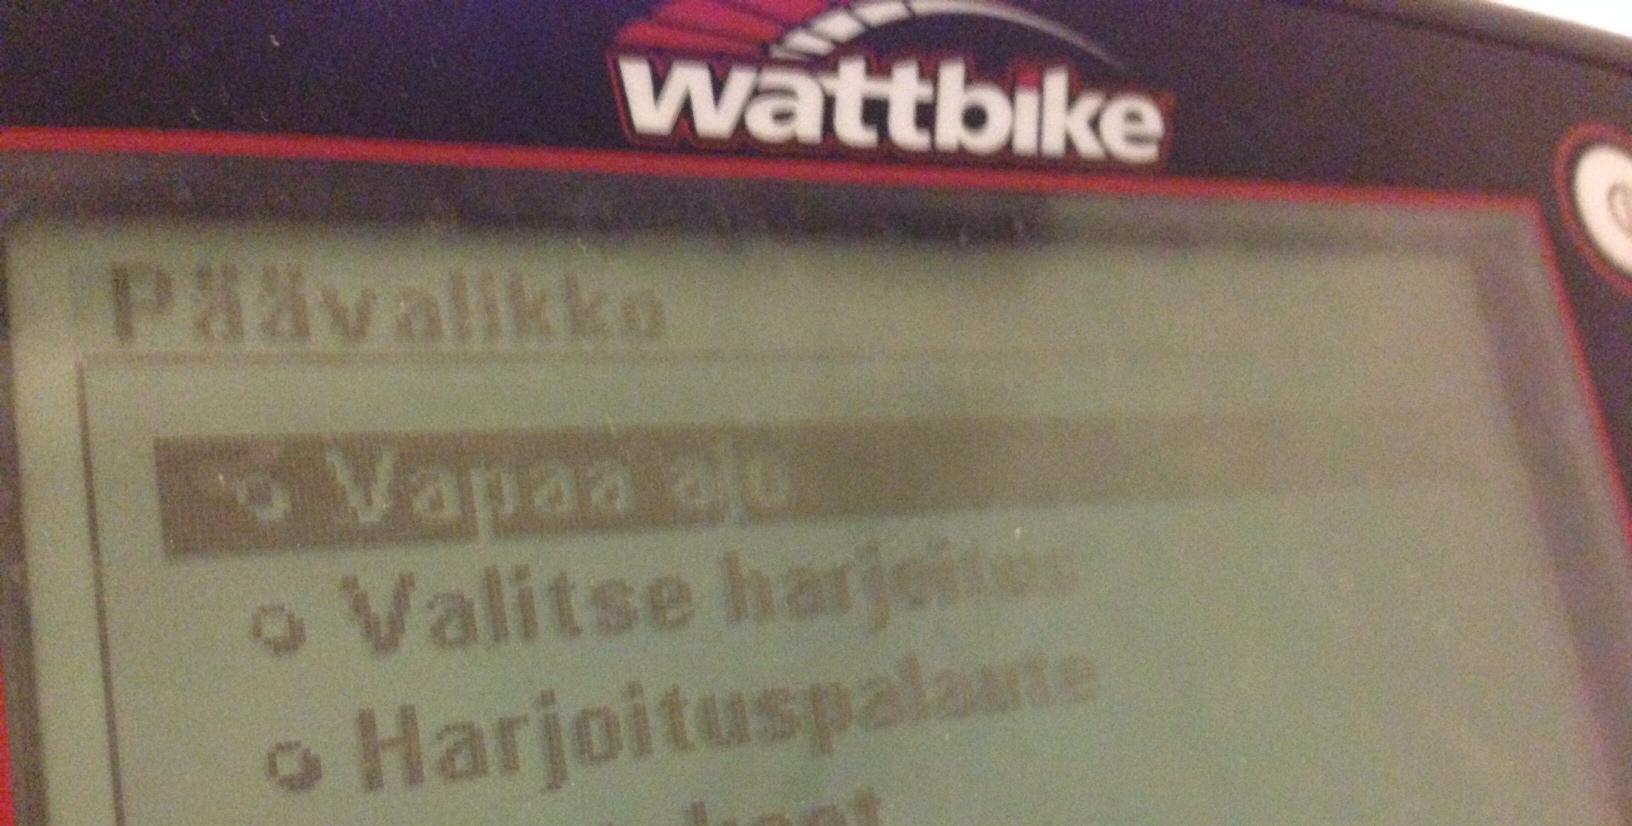 wattbikek